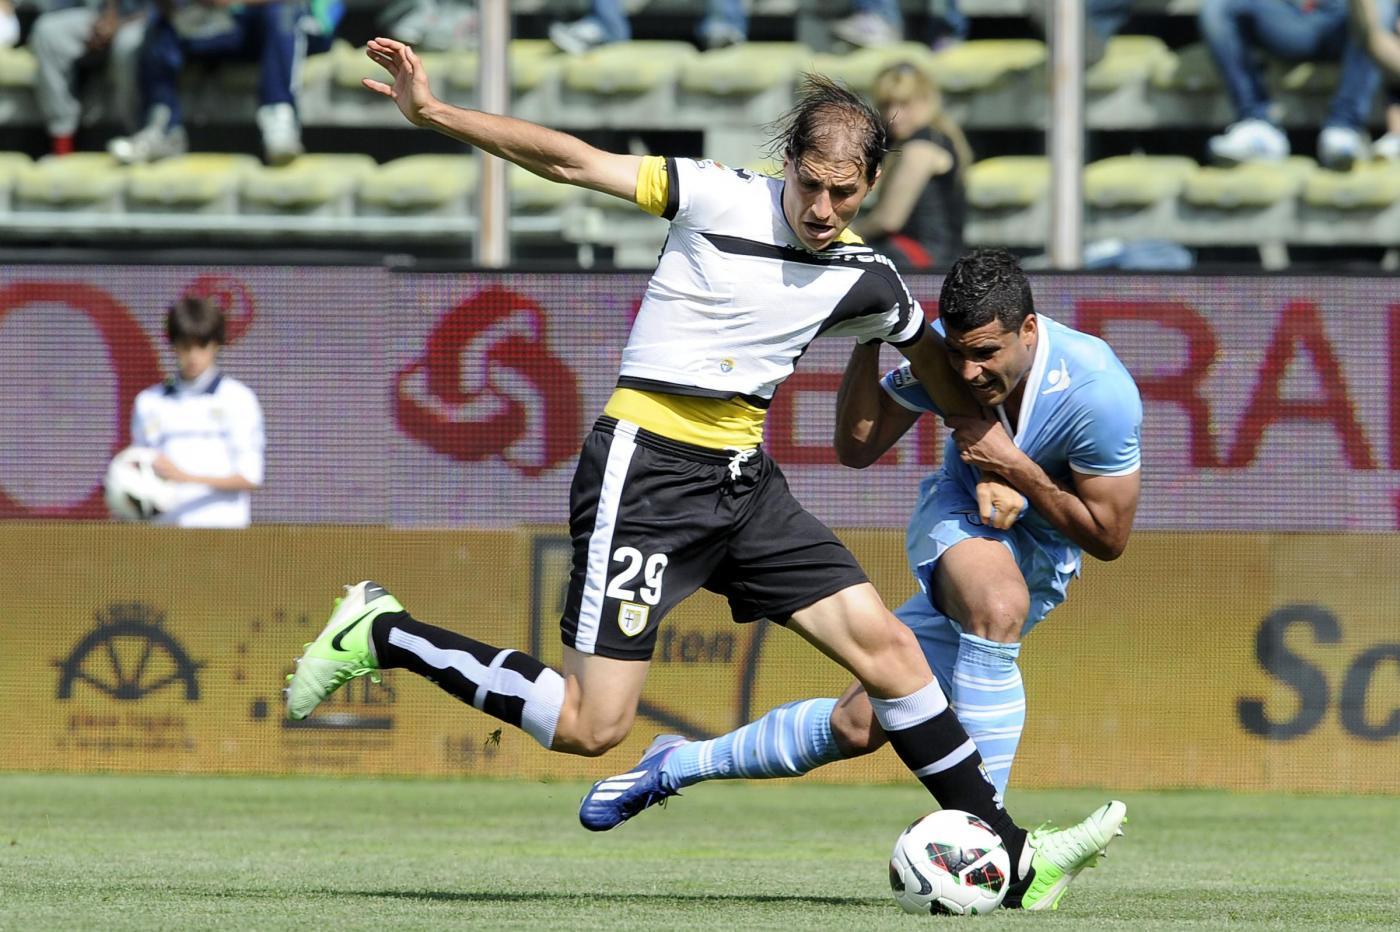 Calciomercato Lazio 2014/15: si lavora su Paletta e Marquez